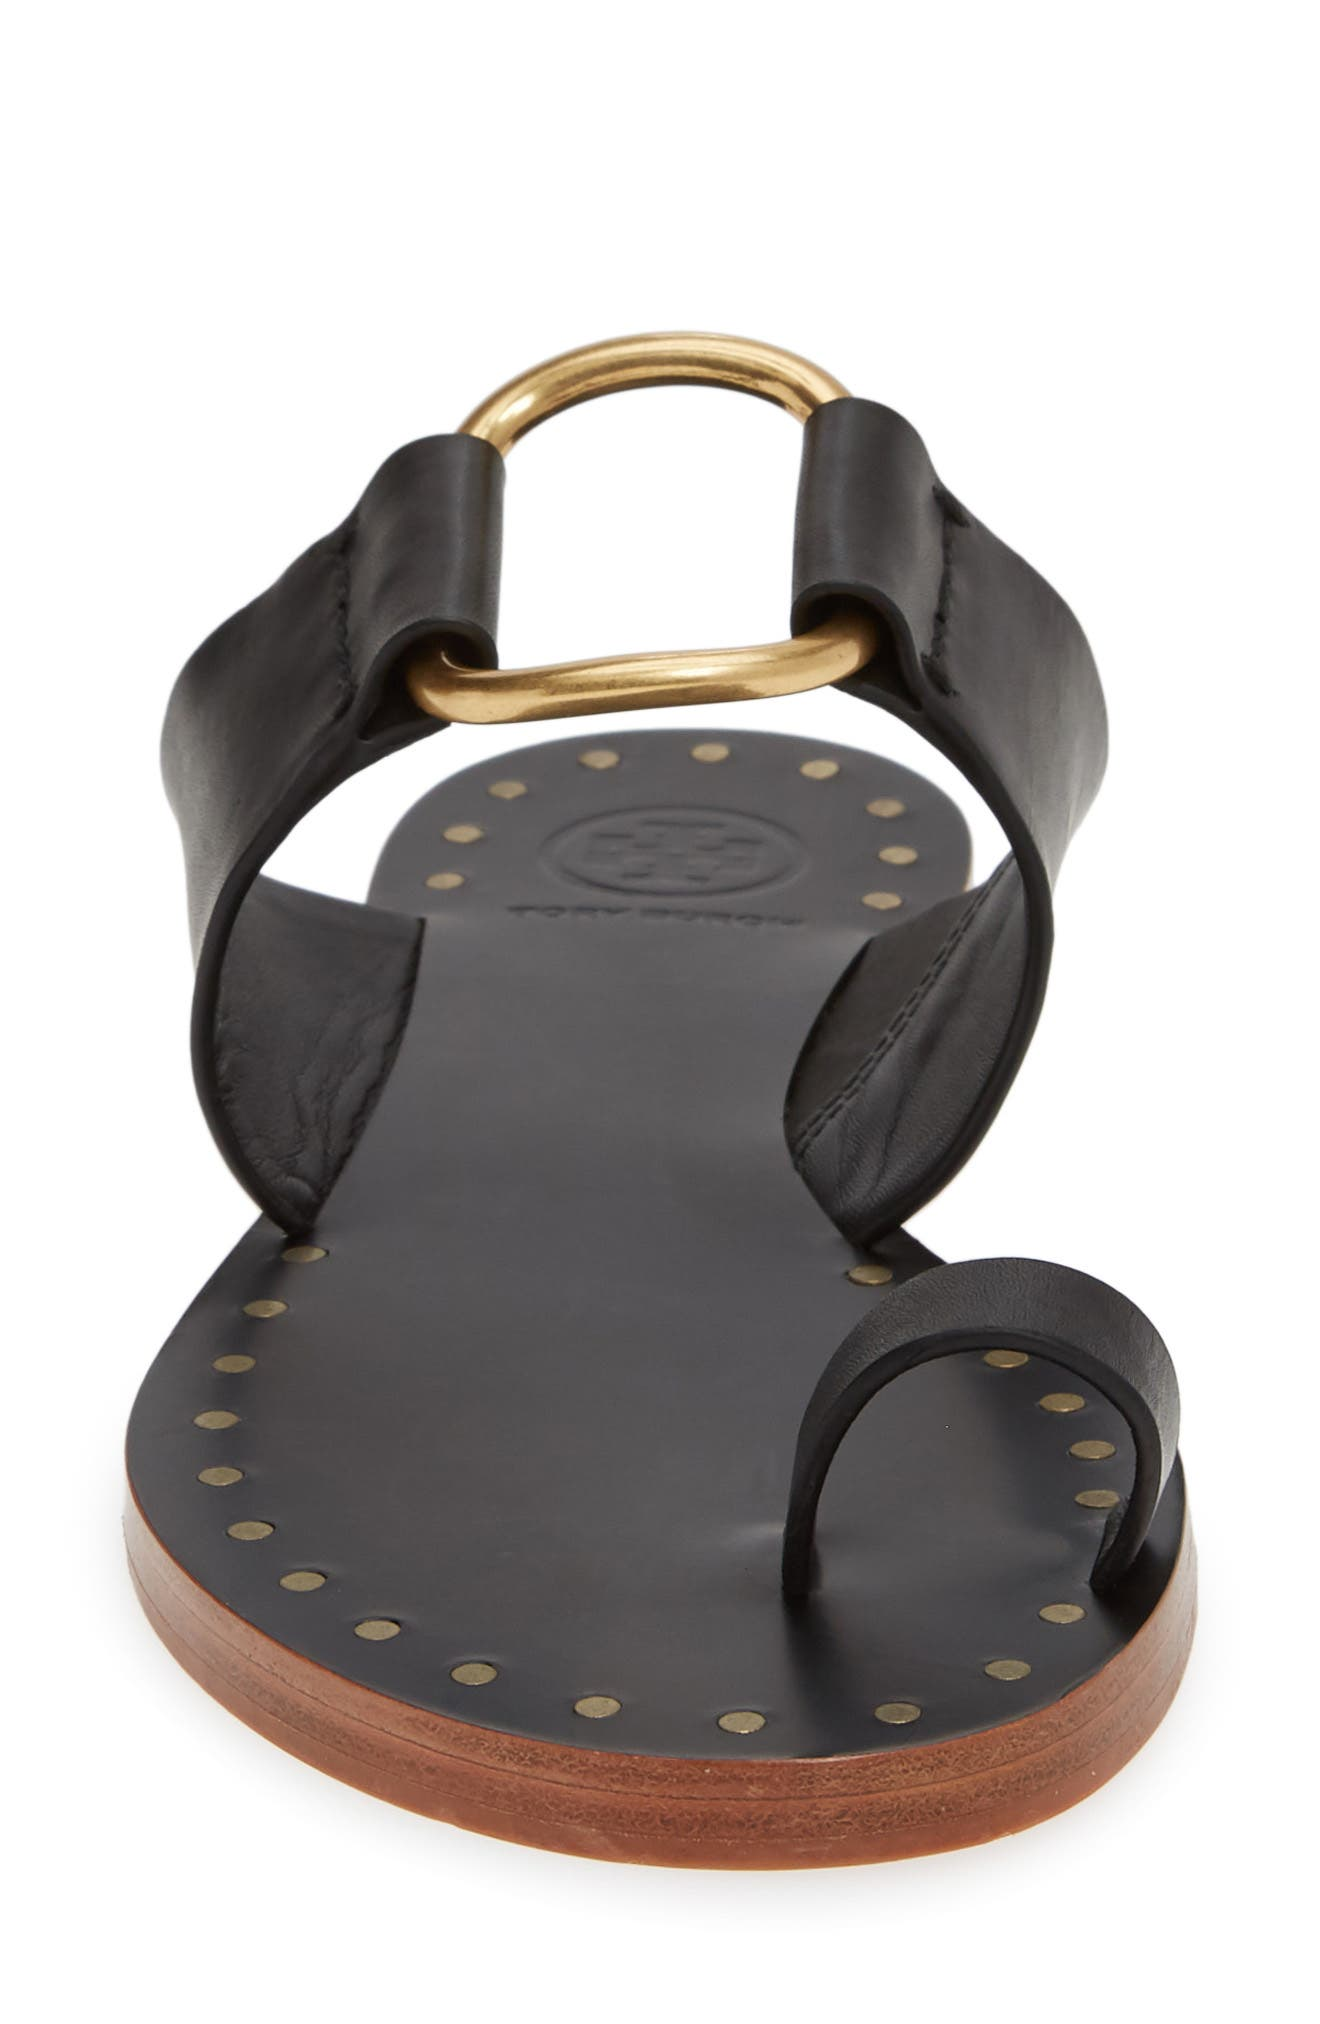 Ravello Toe Ring Sandal,                             Alternate thumbnail 4, color,                             PERFECT BLACK/ GOLD